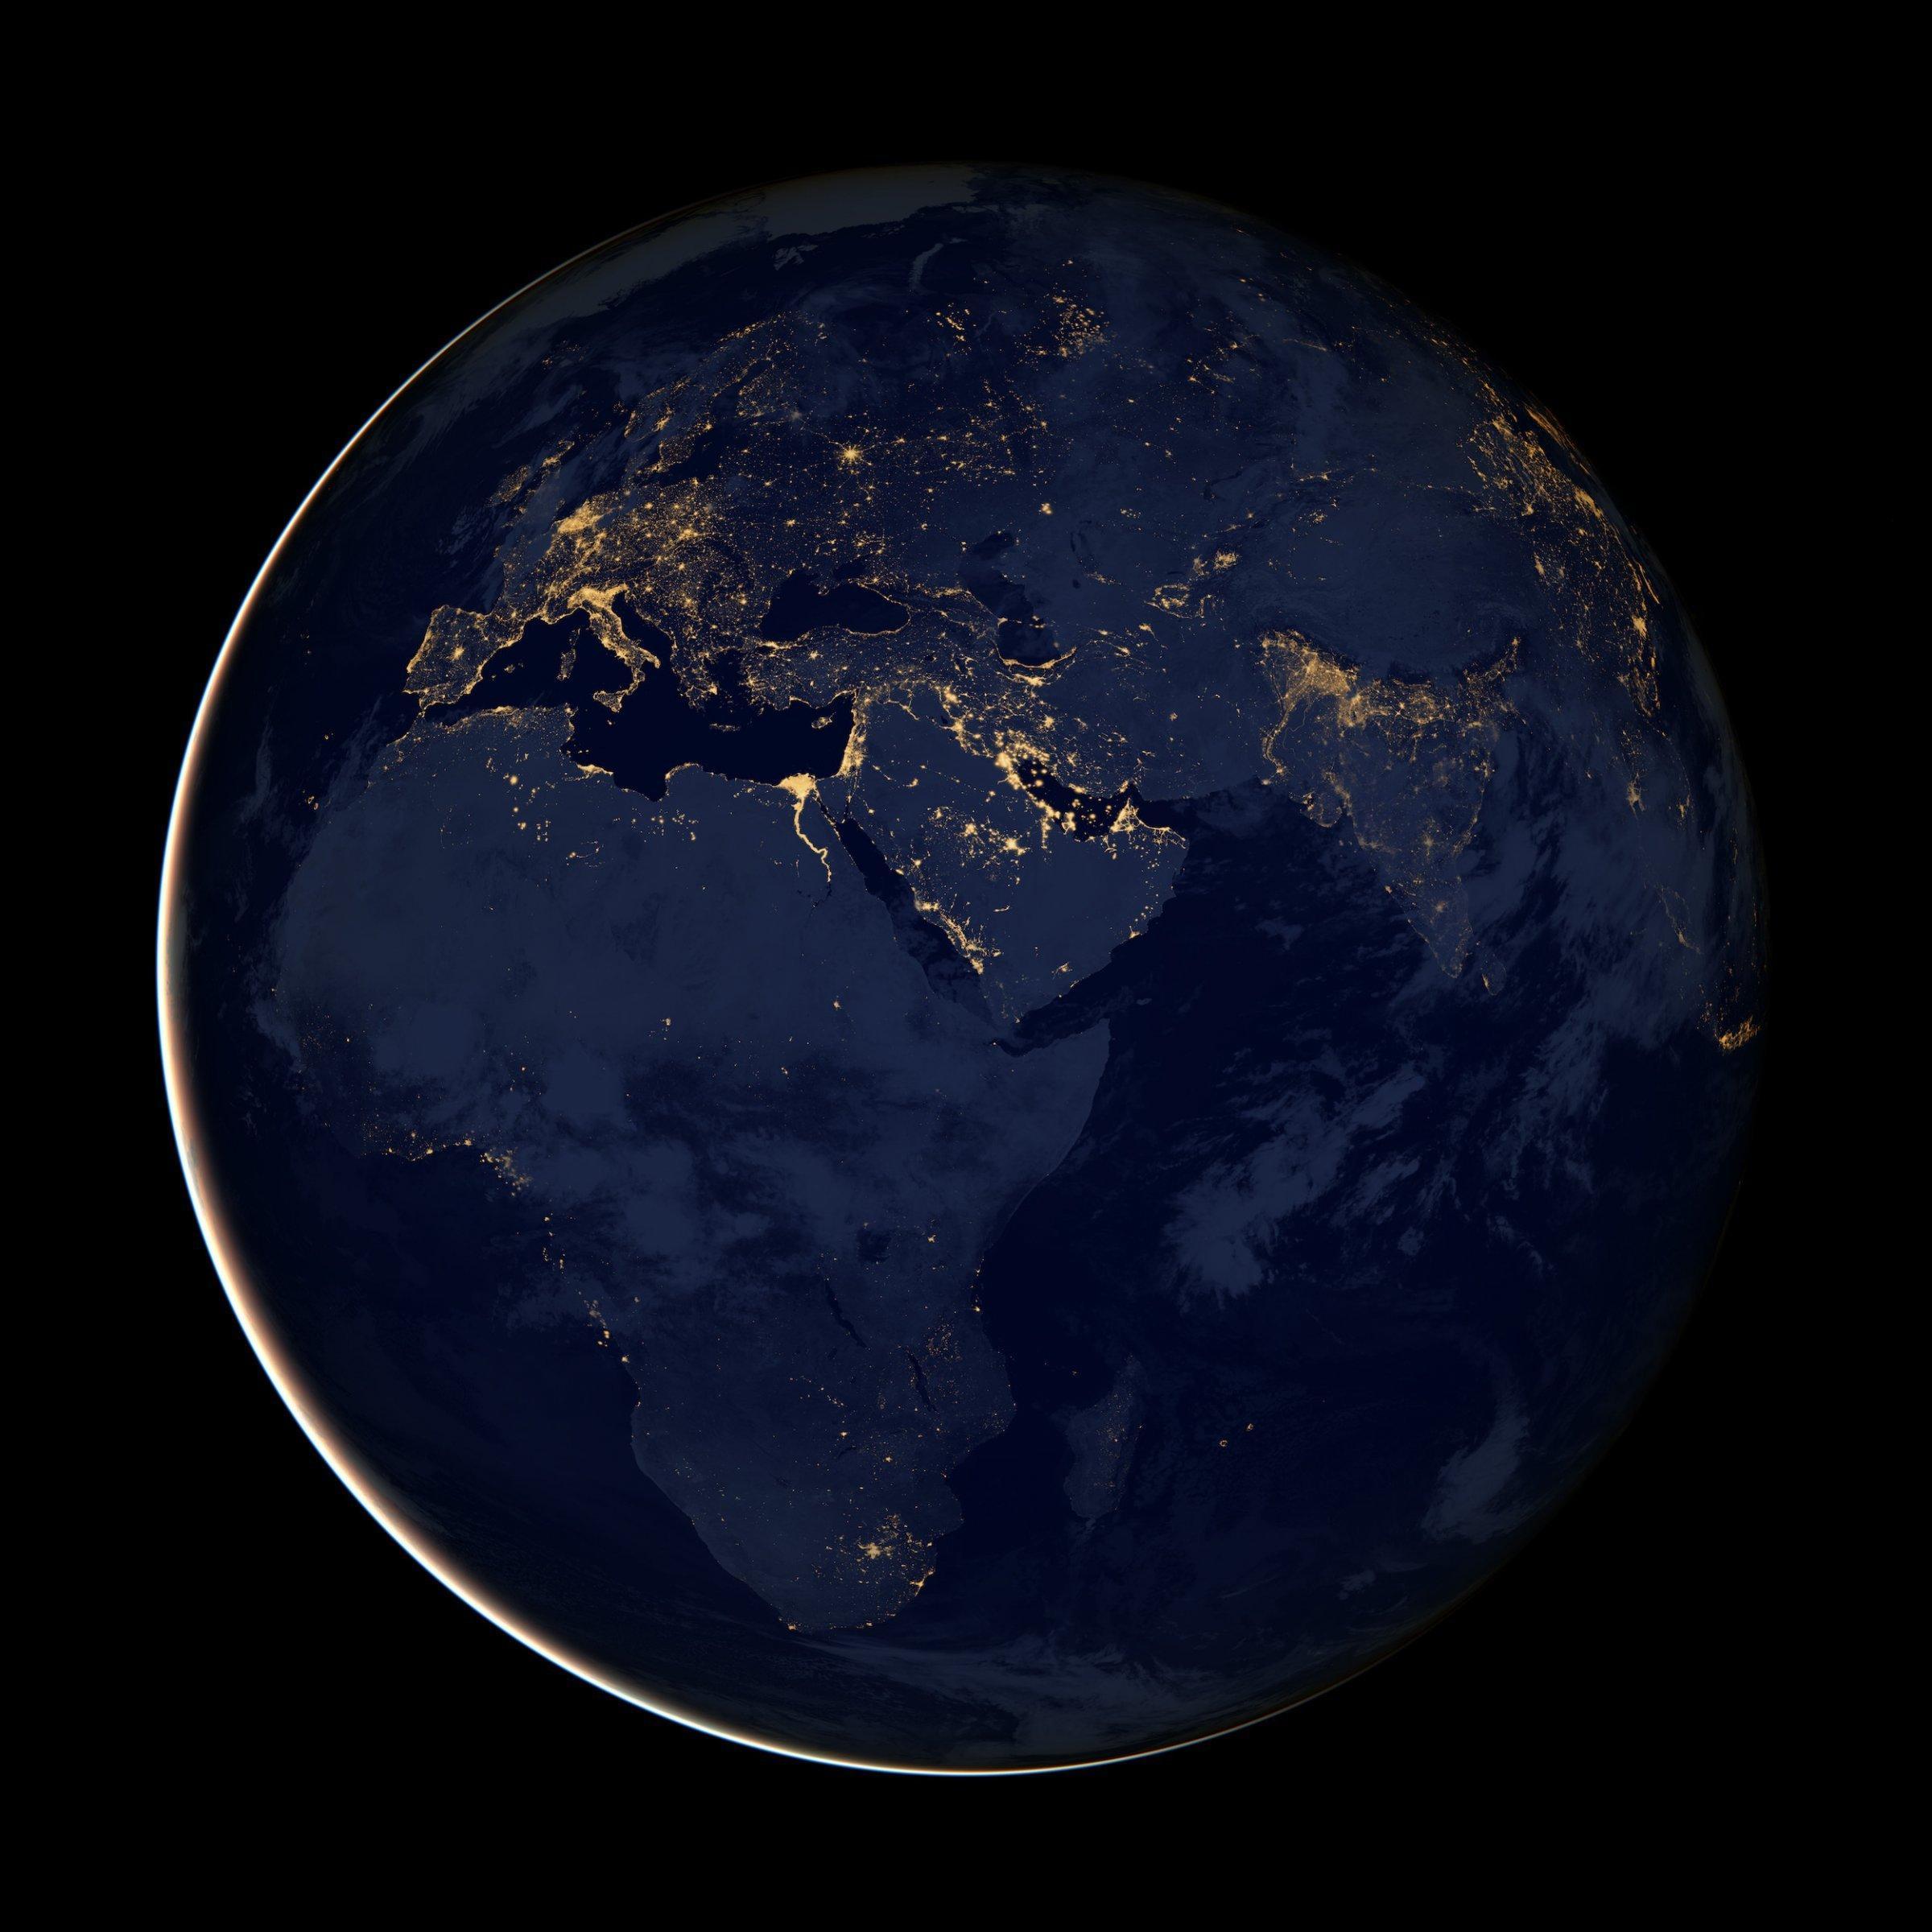 Die US-Raumfahrtagentur NASA hat aus Satellitenbildern ein Abbild der Erde bei Nacht geschaffen. Europa strahlt in weiten Teilen in hellem Licht, während Afrika nur von wenigen hellen Punkten gekennzeichnet ist.